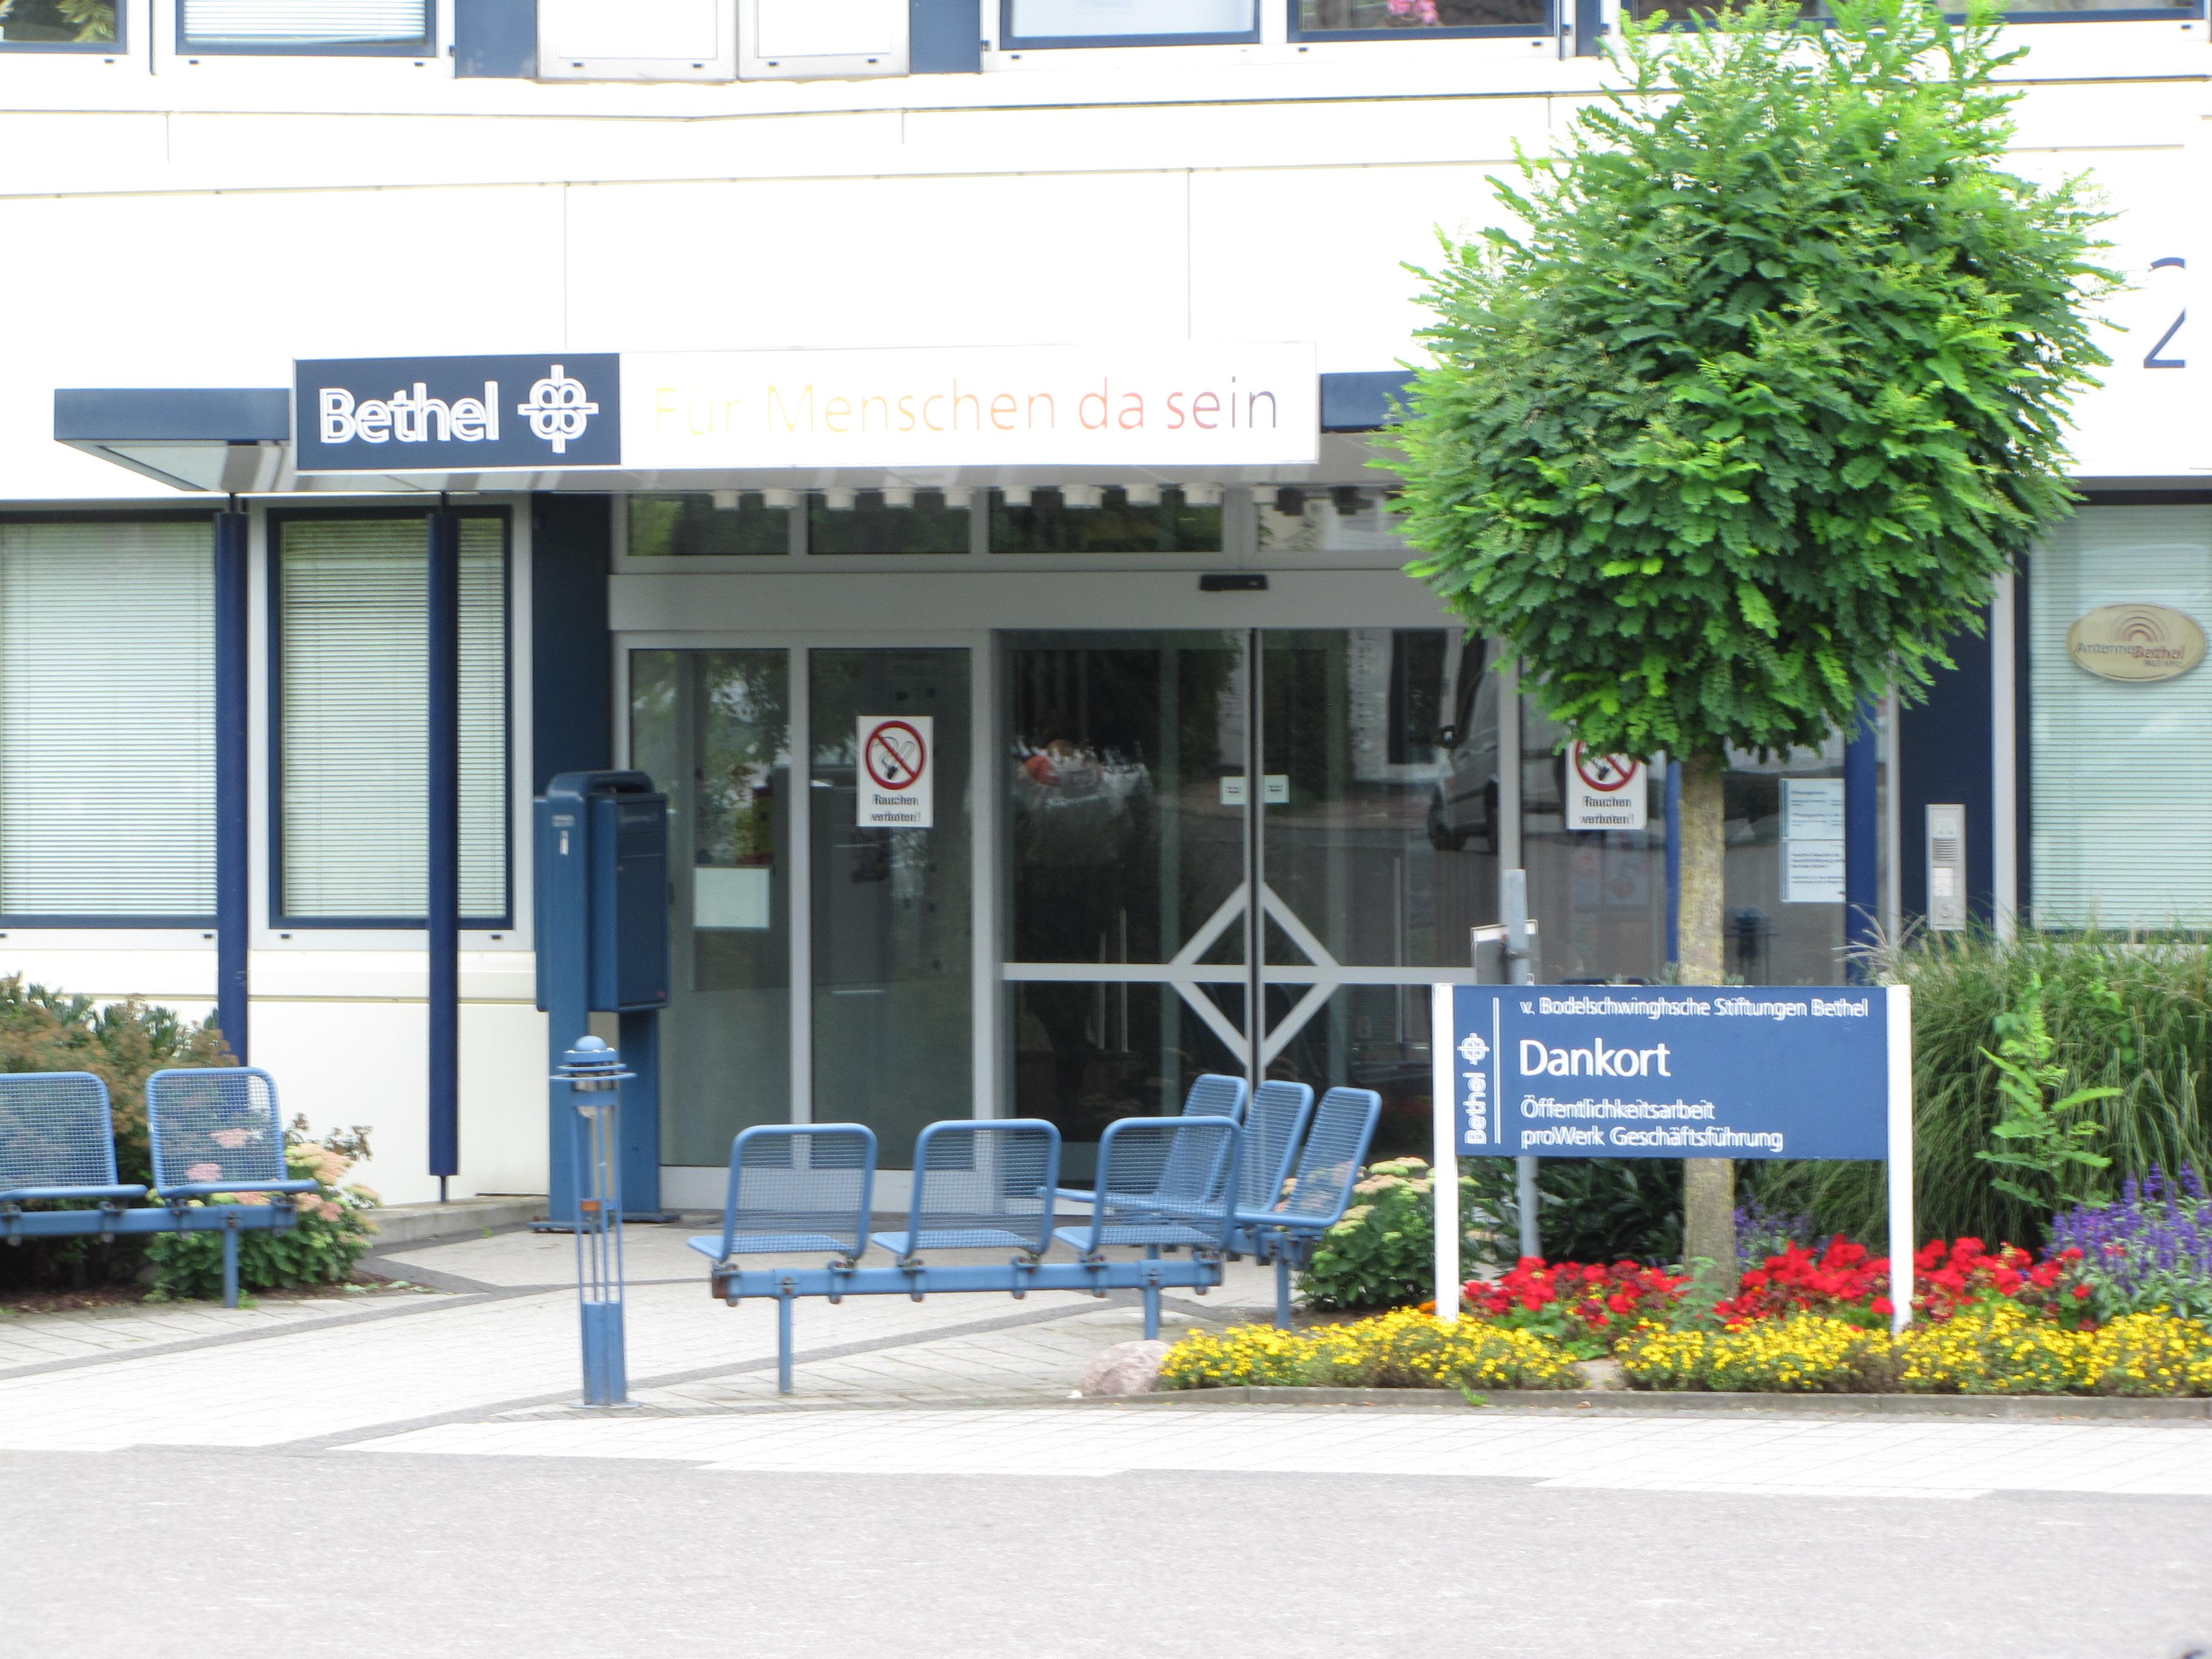 Bethel Bielefeld Bodelschwingsche Anstalten Bielefeld NRW (3)